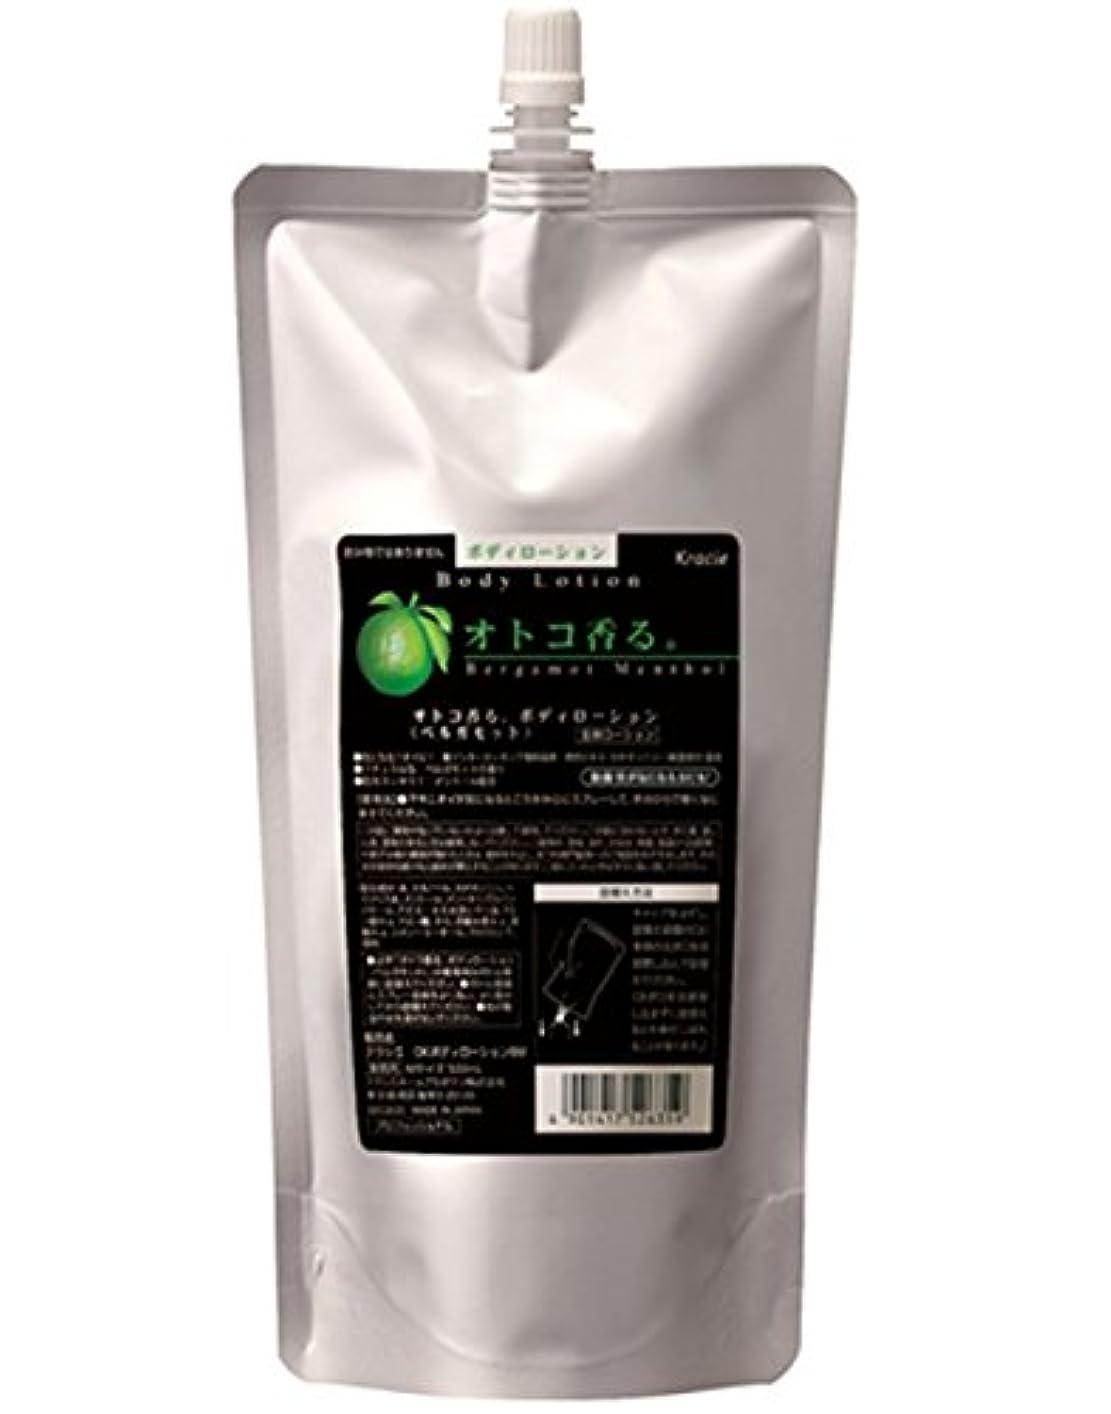 聴衆フェローシップ補助クラシエ オトコ香る ボディローション(ベルガモット) 500ml 詰替(レフィル)